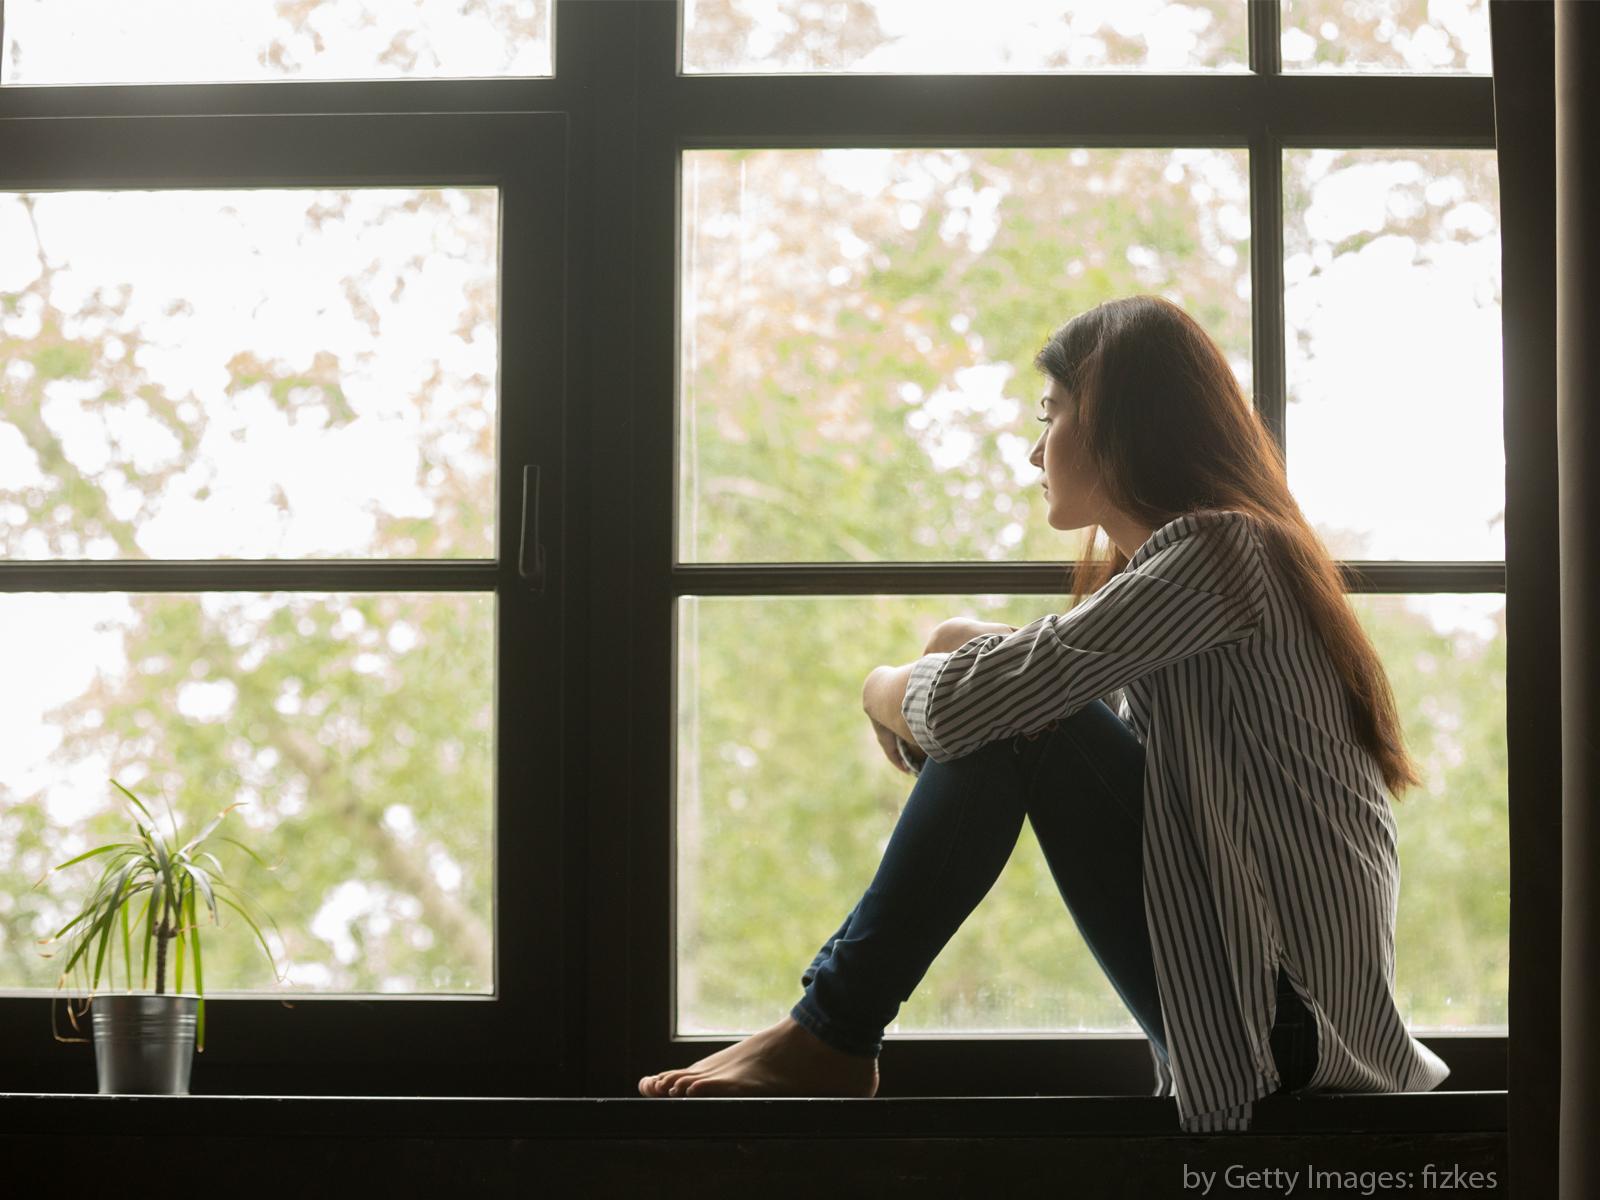 Aprende-se a esperar vencendo ansiedades